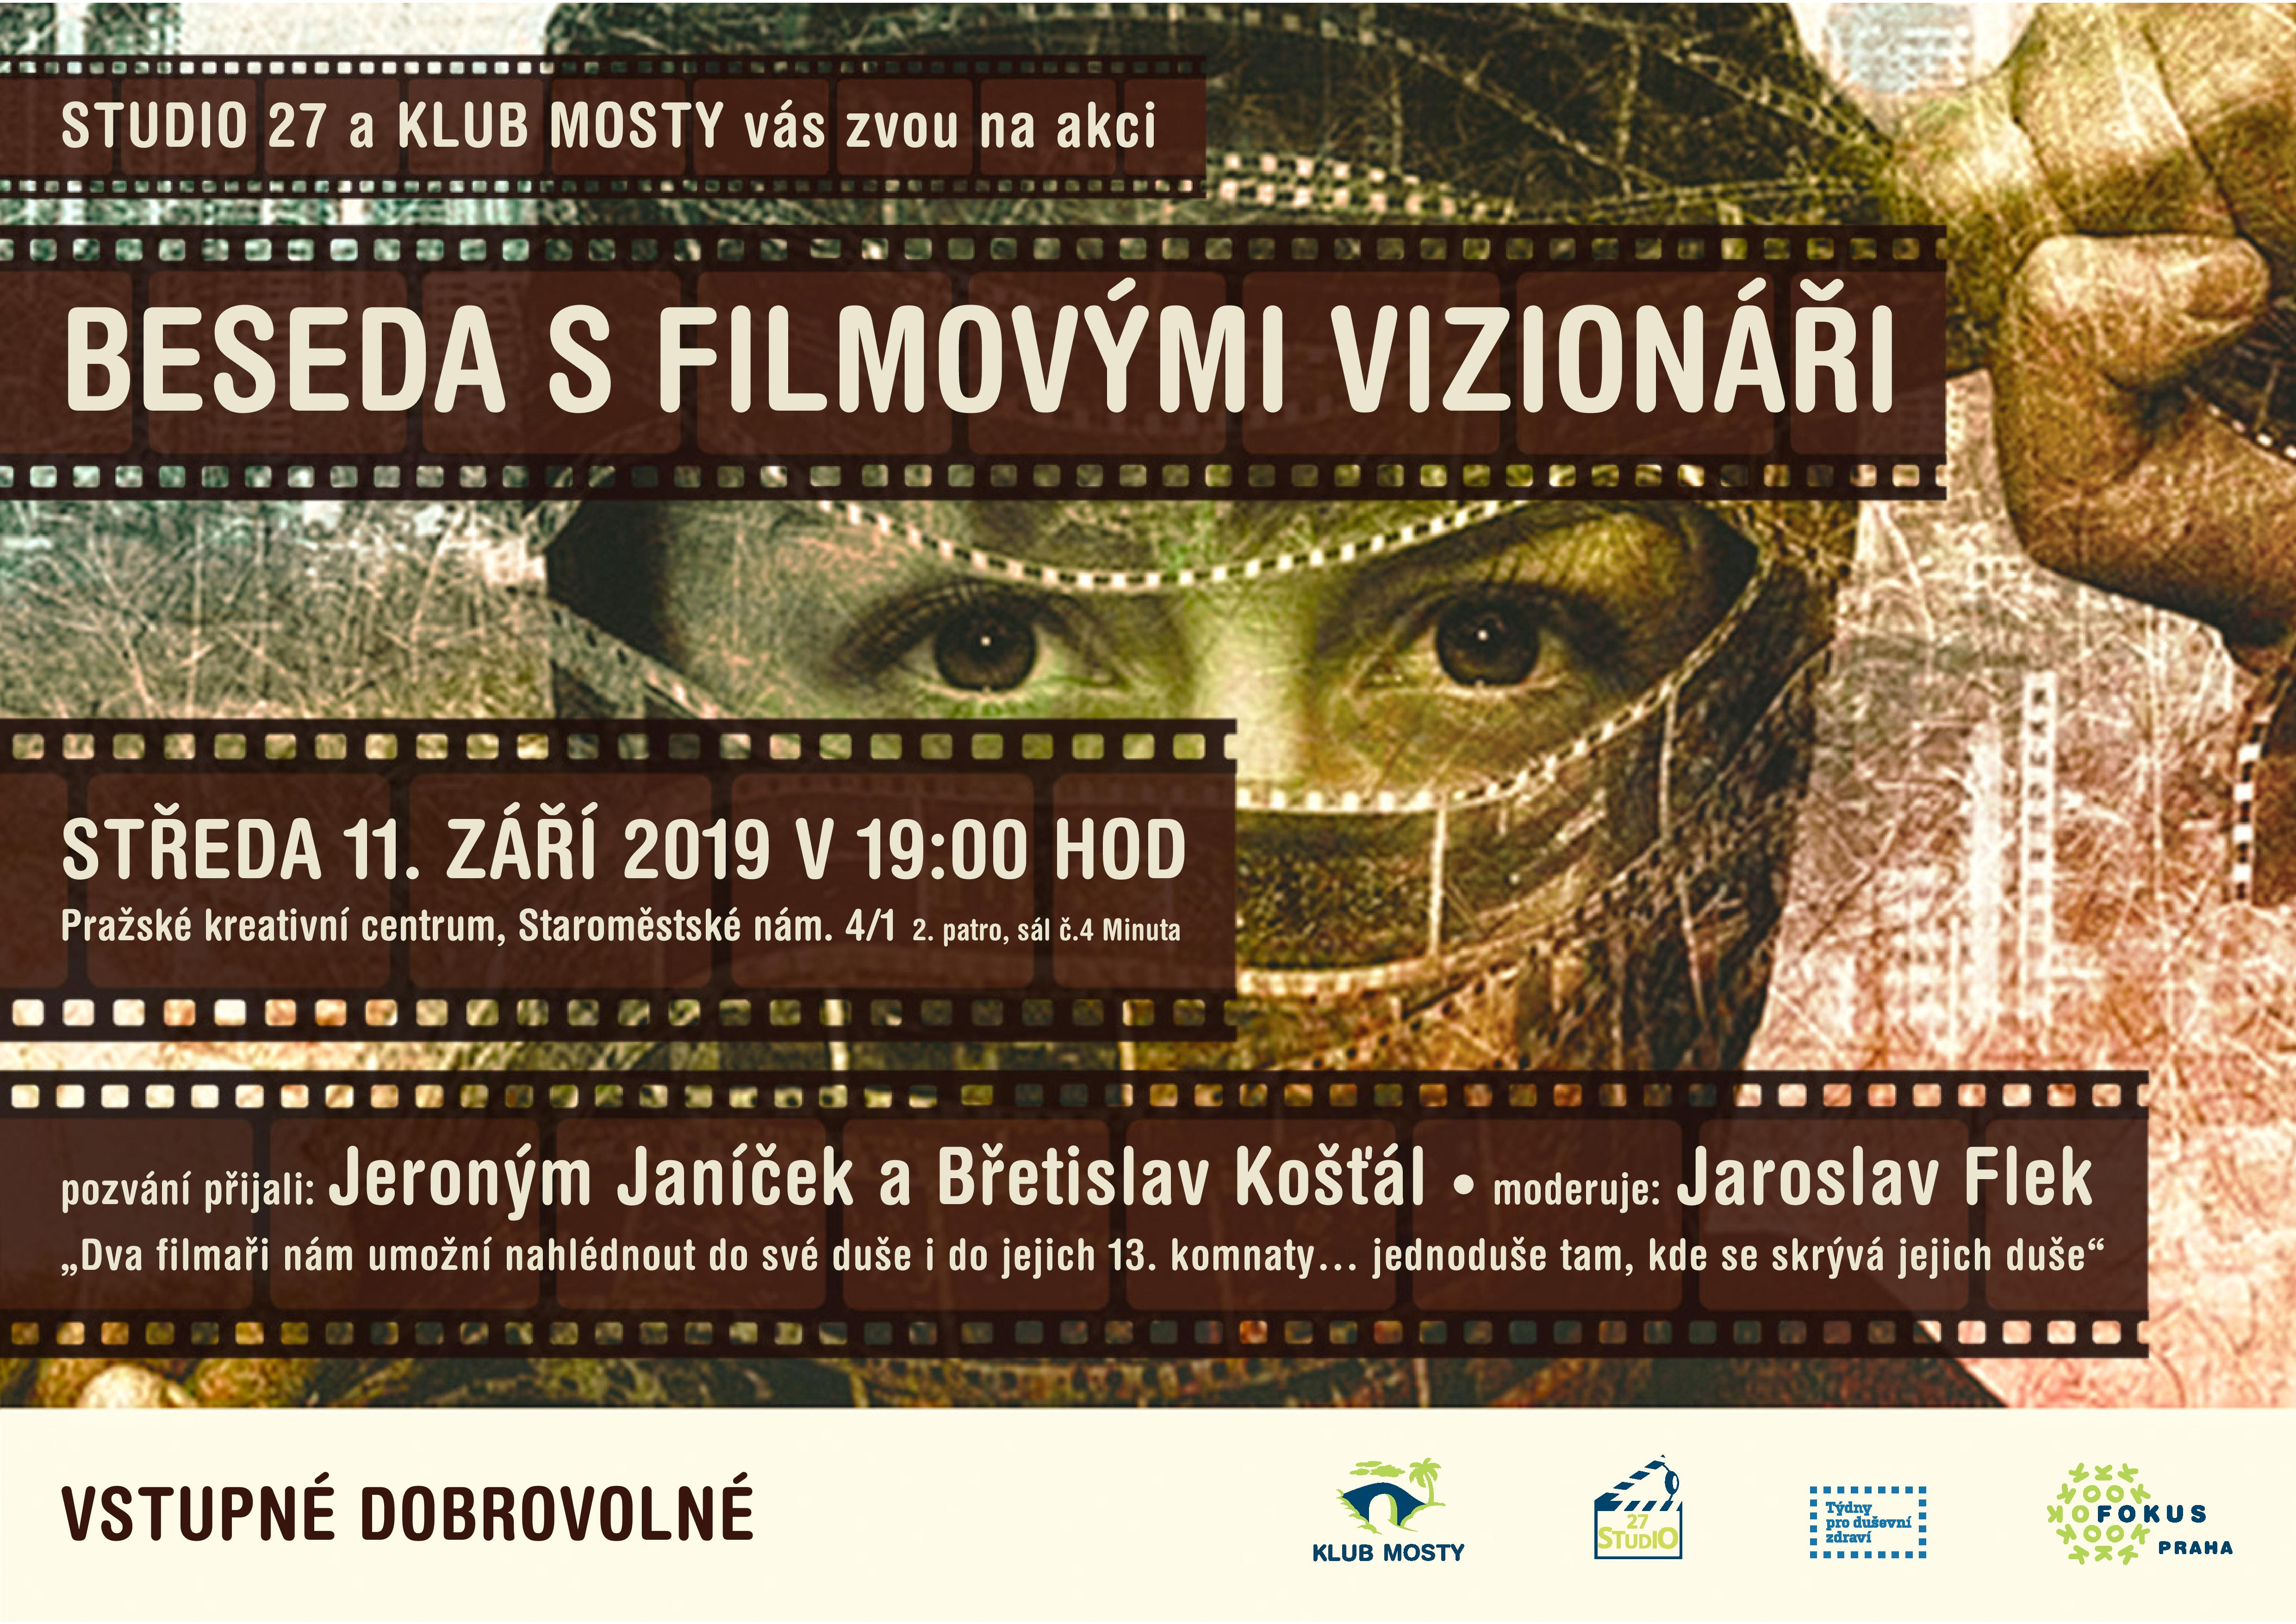 Studio 27 a klub Mosty - Beseda s filmovými vizionáři - 11. září 2019 v 19h